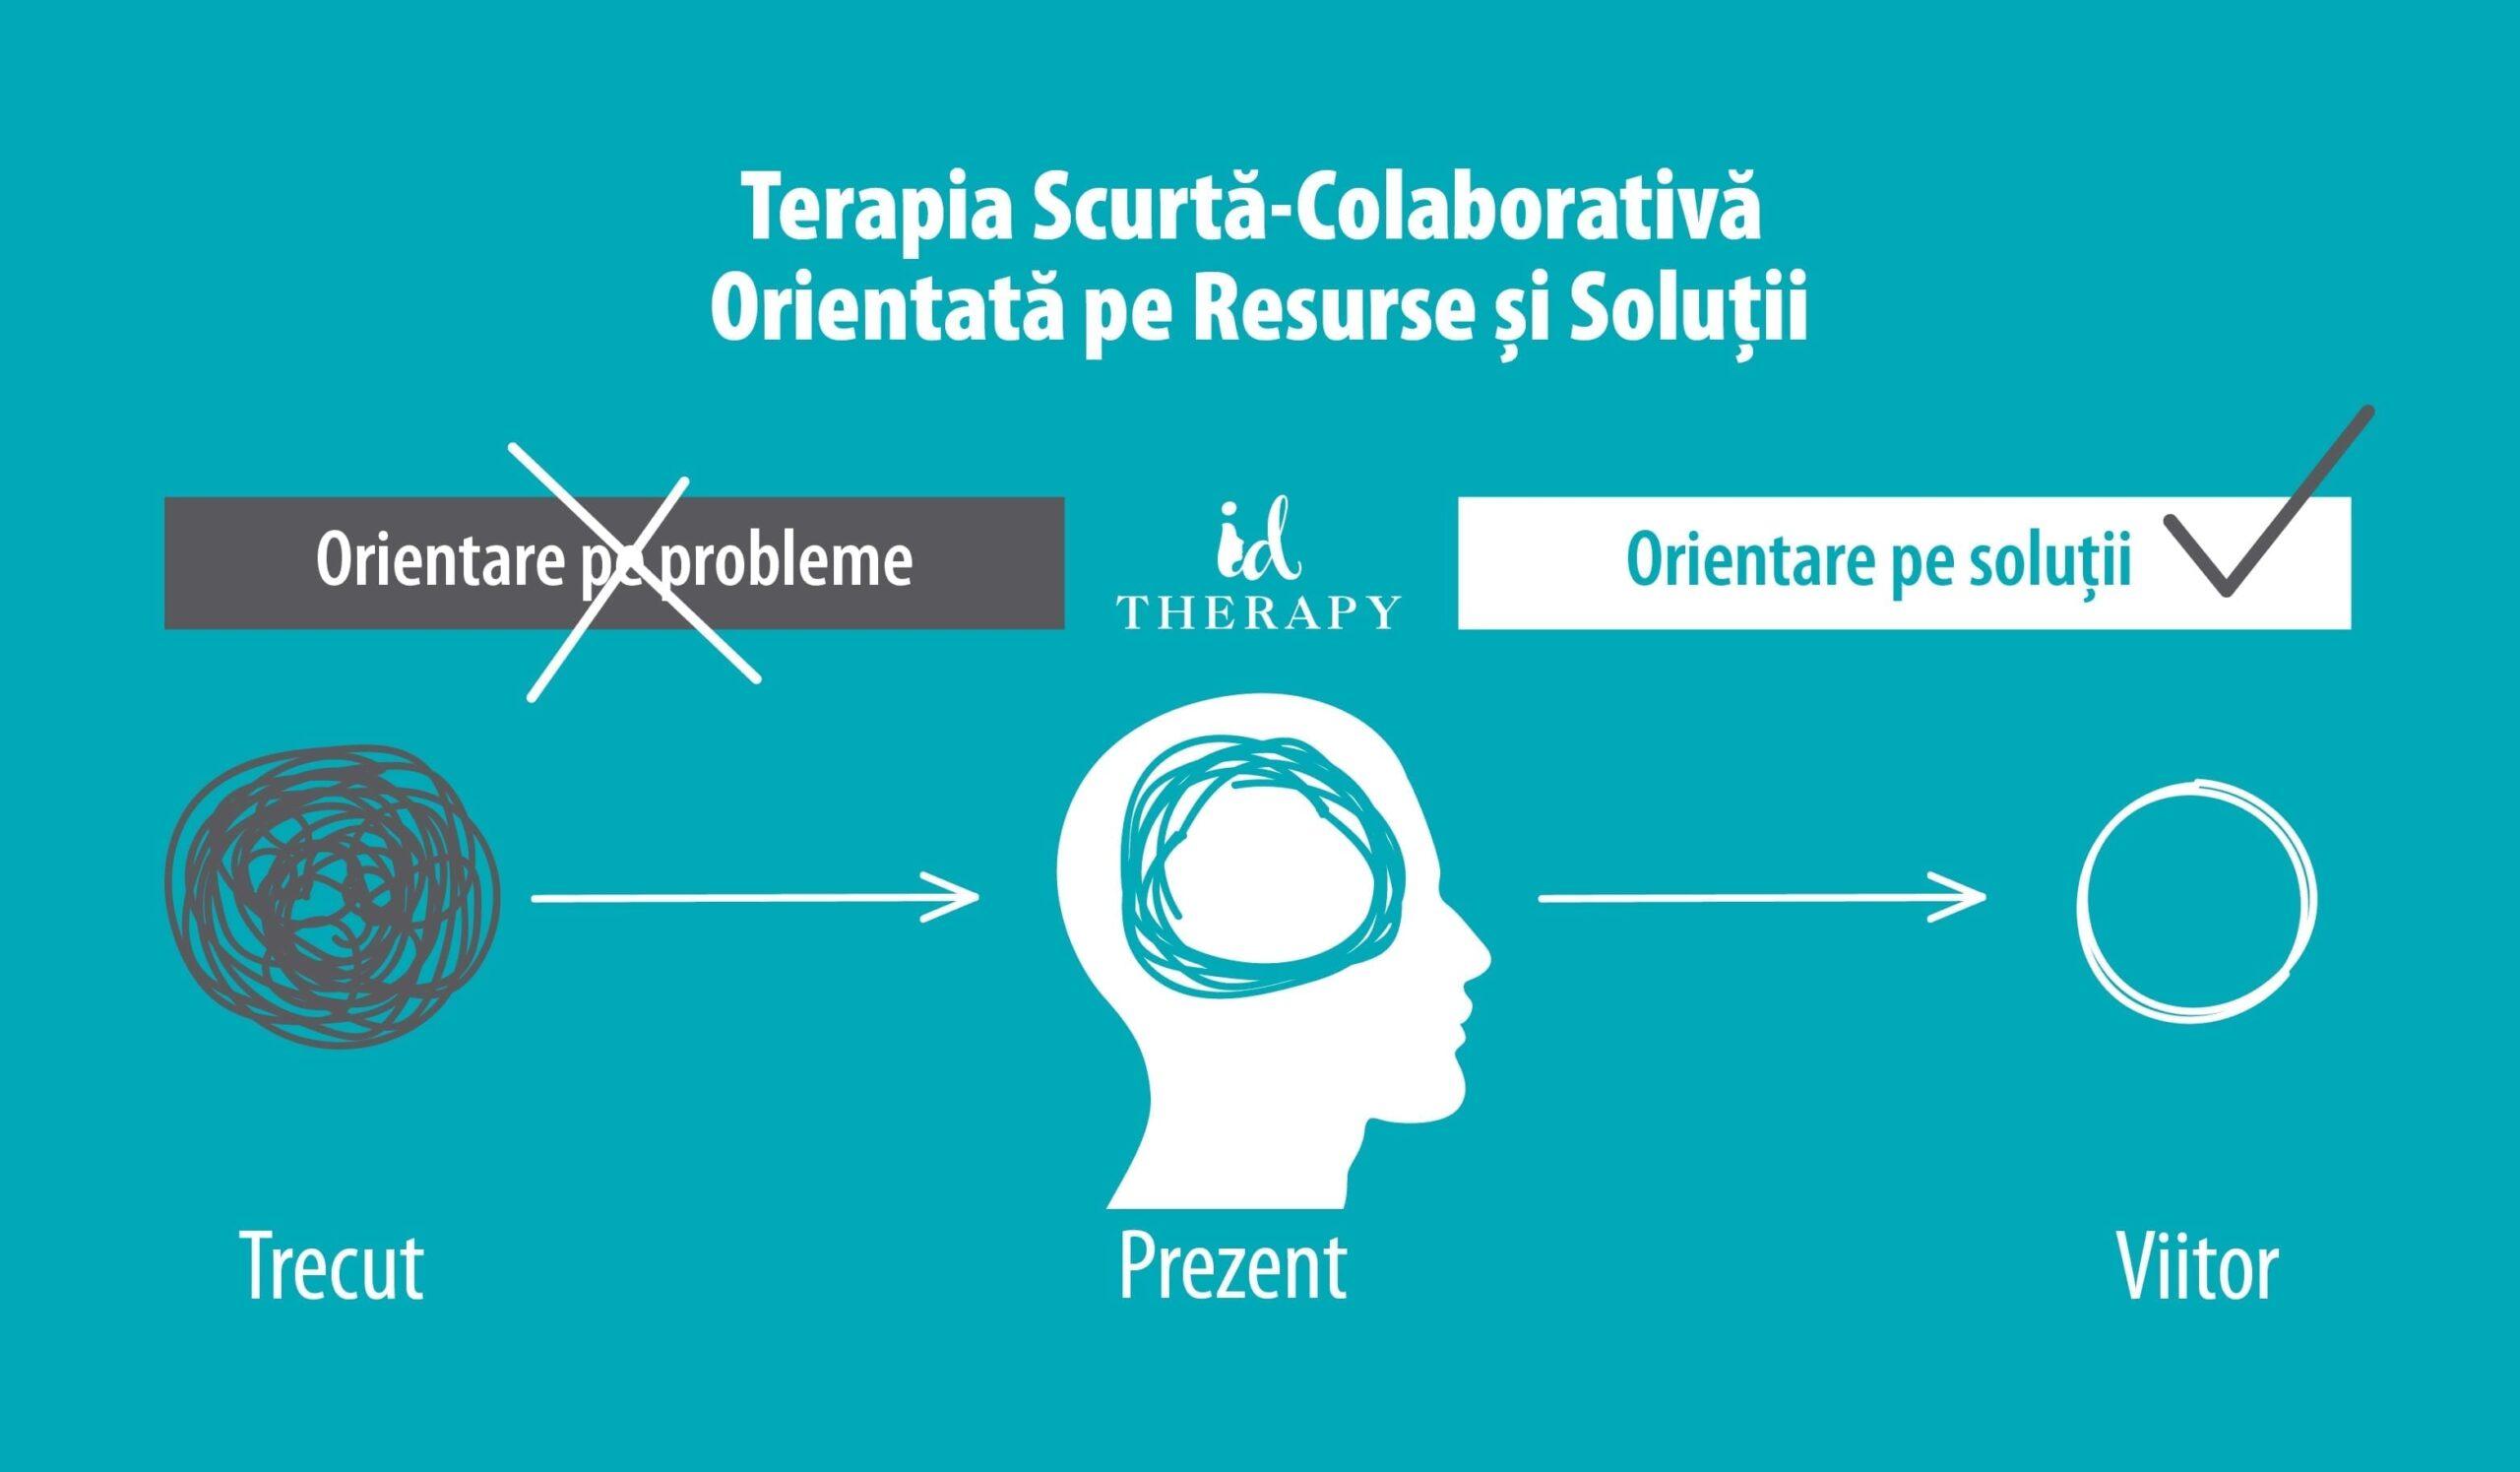 Terapia scurta colaborativa orientata pe Resurse si solutii